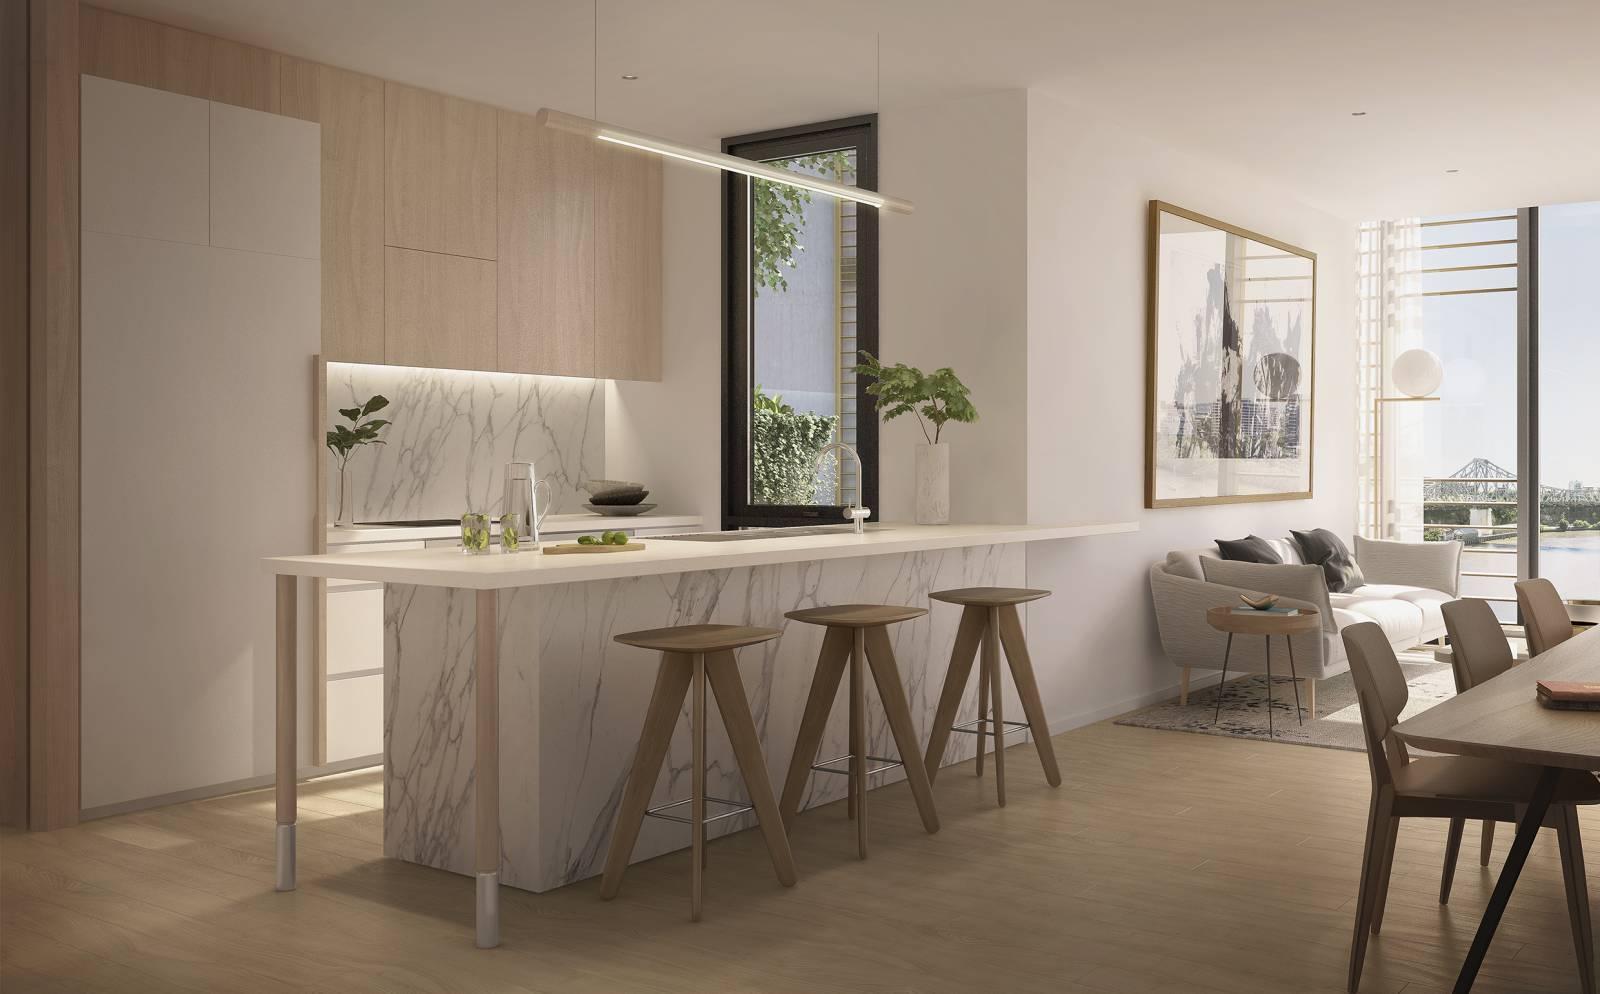 CBUS9038_443 Queen St_IN01A_Apartment Kitchen_Light Scheme